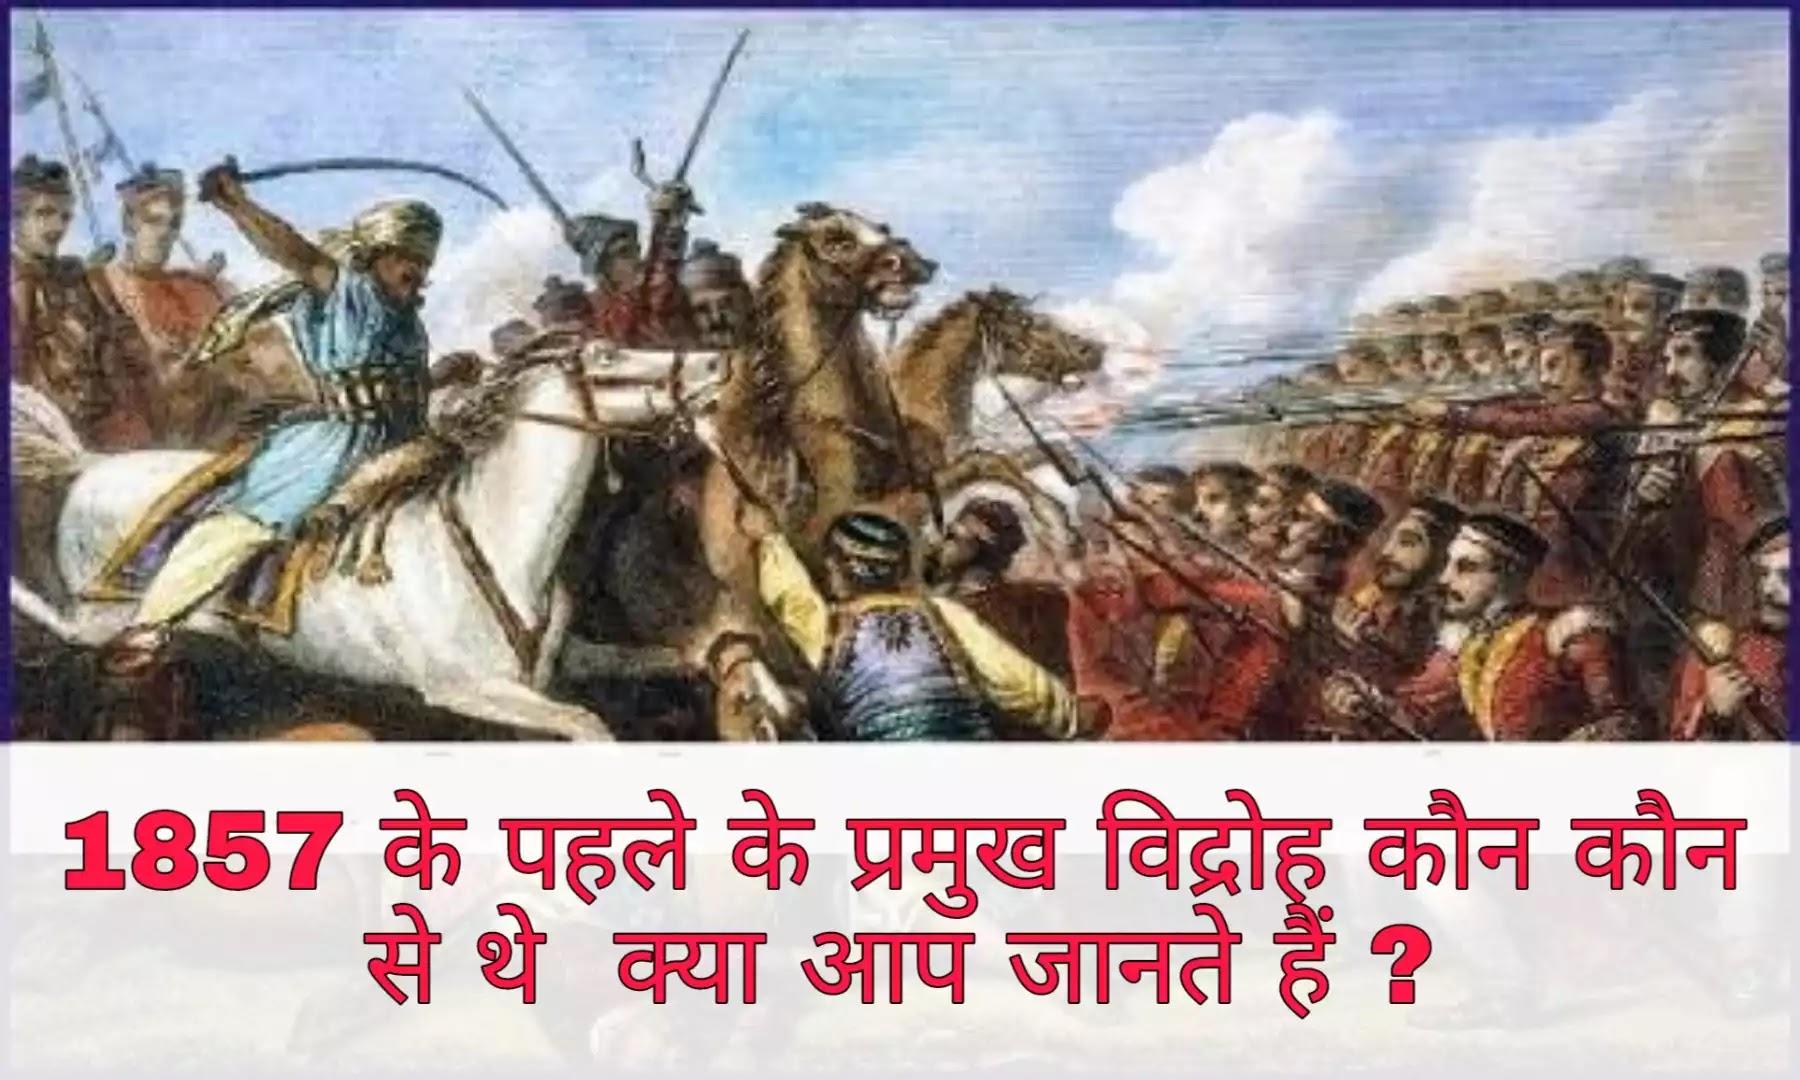 भारतीय राष्ट्रीय आंदोलन ( Indian National Movement ) : 1857 के पहले के प्रमुख विद्रोह कौन कौन से थे और इनका हमारी आजादी में क्या महत्व है आइये जानते हैं।